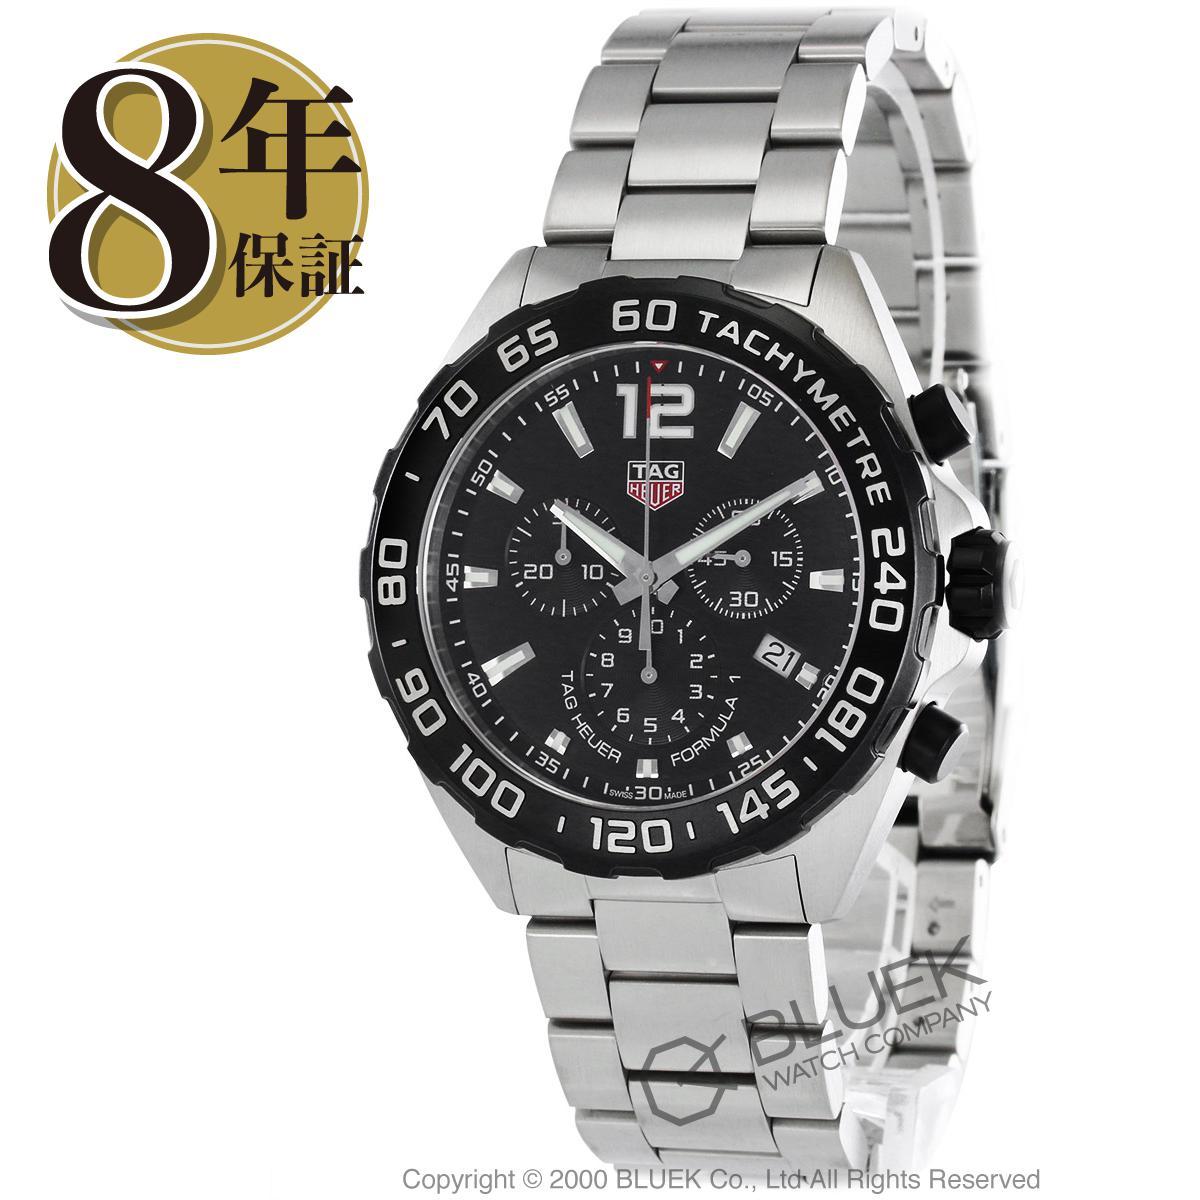 タグホイヤー フォーミュラ1 クロノグラフ 腕時計 メンズ TAG Heuer CAZ1010.BA0842_8 バーゲン ギフト プレゼント